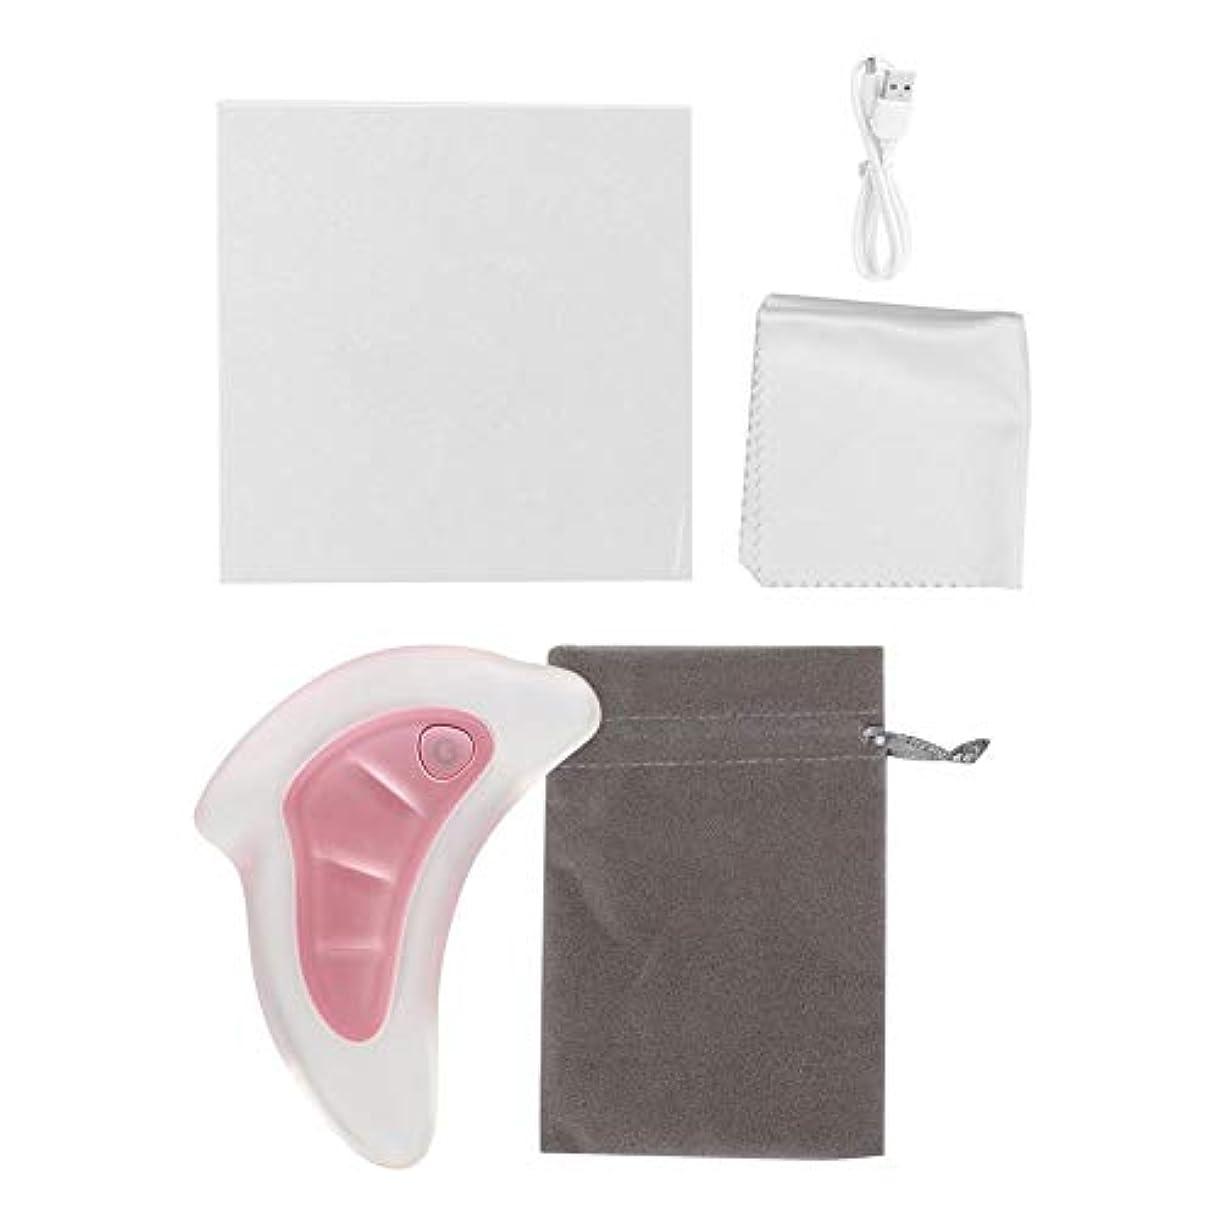 アルバム剃るメルボルン2色スクレーピングマッサージャー - フェイスリフティングスクレーパー、グアシャツール - アンチエイジング、アンチリンクルマッサージ&フェイシャルグアシャ、カラフルなライトを廃棄するための楽器(ピンク)